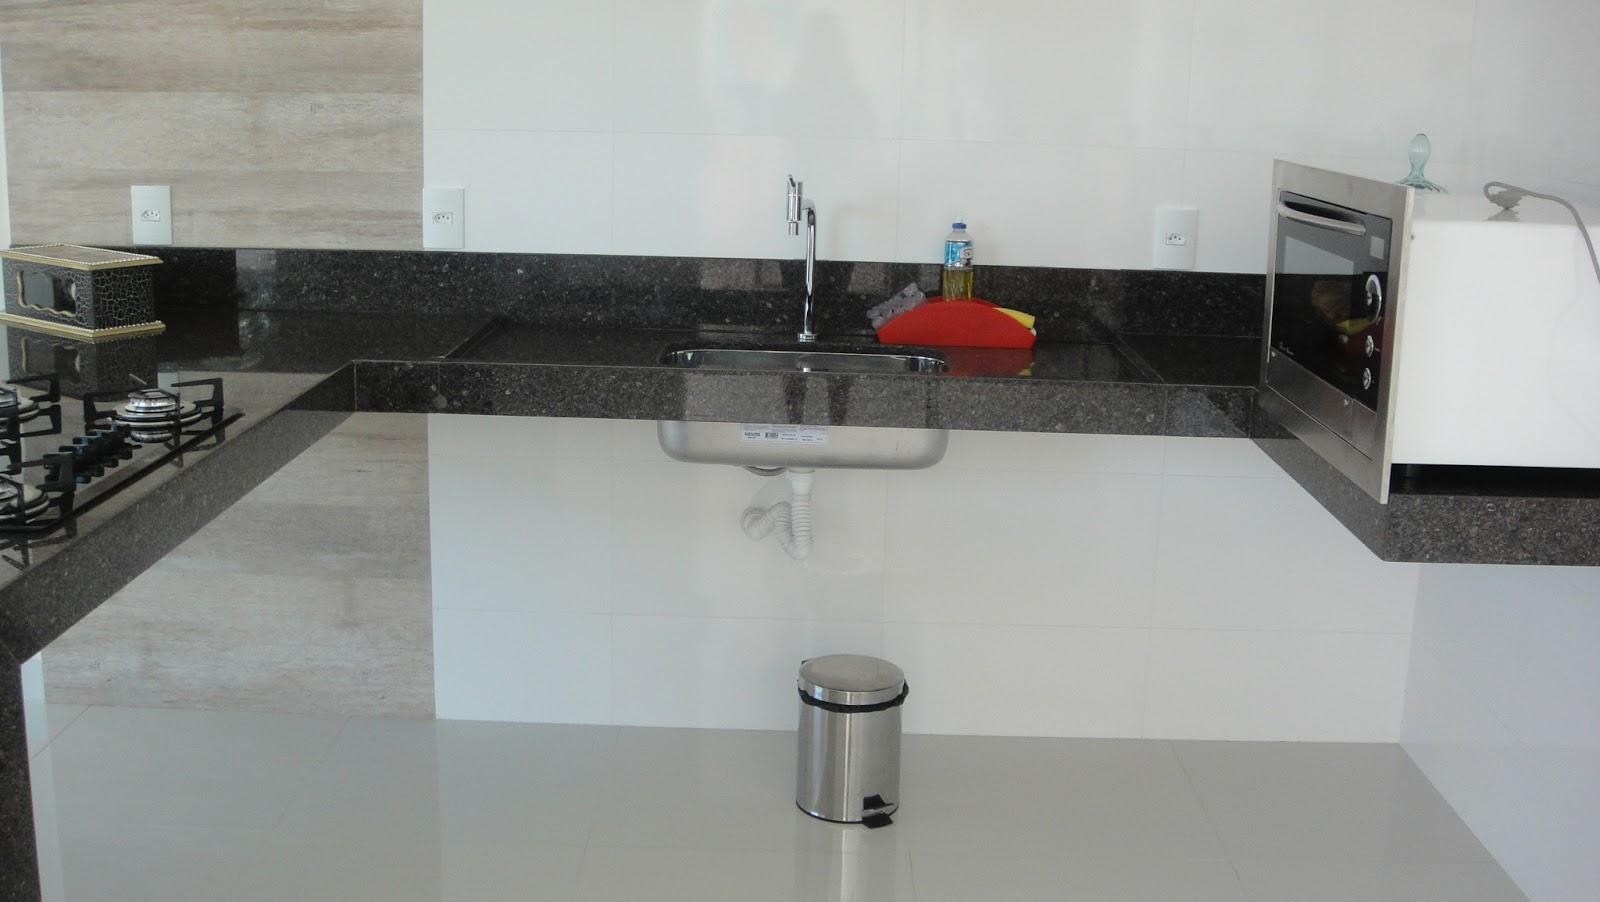 Lavabo externo na área da churrasqueira. A área da churrasqueira eu  #7D2C25 1600x902 Banheiro Com Lavabo Externo